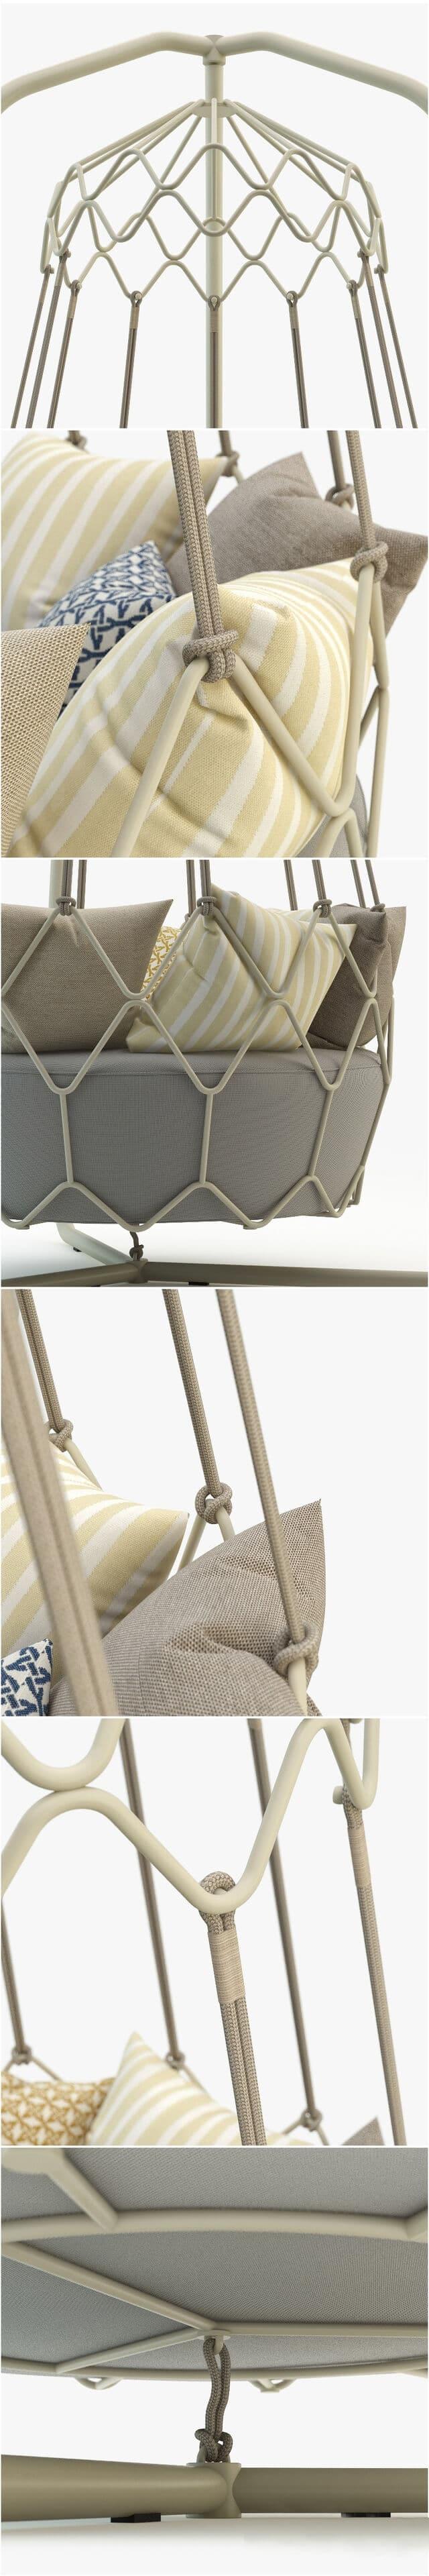 Roberti Rattan Gravity Outdoor Furniture 3D Model (1)